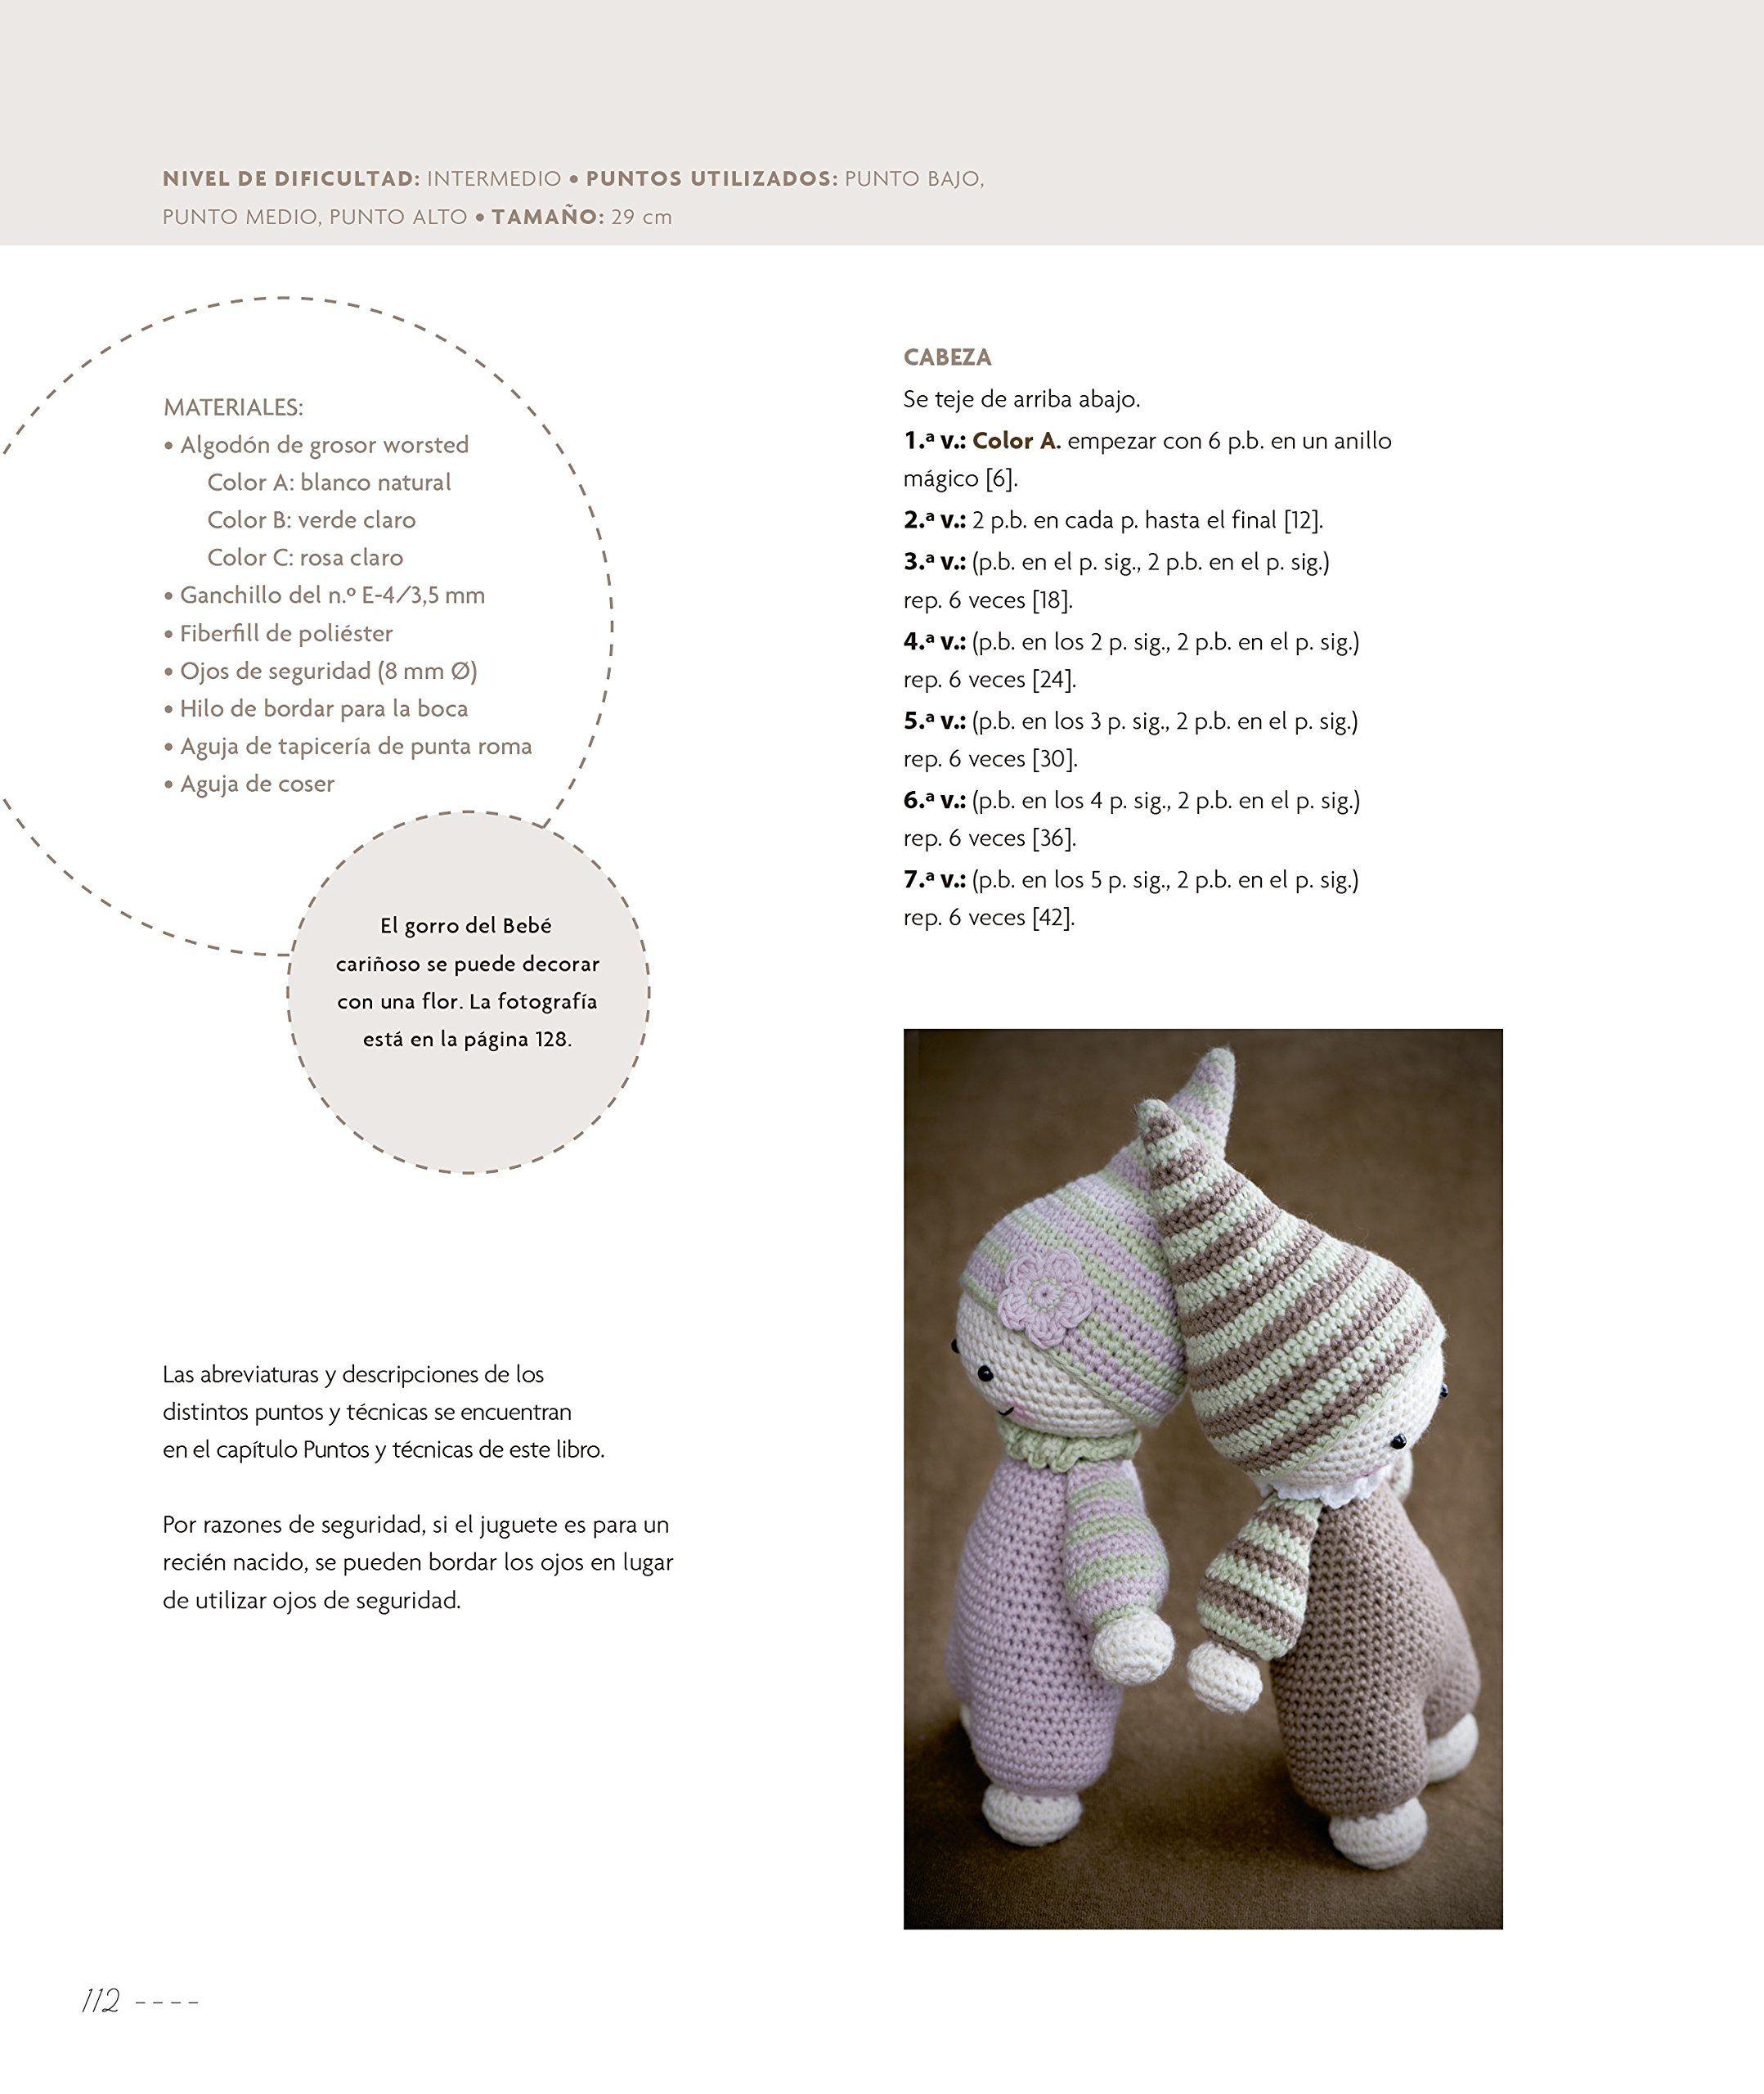 Muñecos Mágicos Amigurumi: Amazon.es: Mari-Liis Lille, Esperanza ...